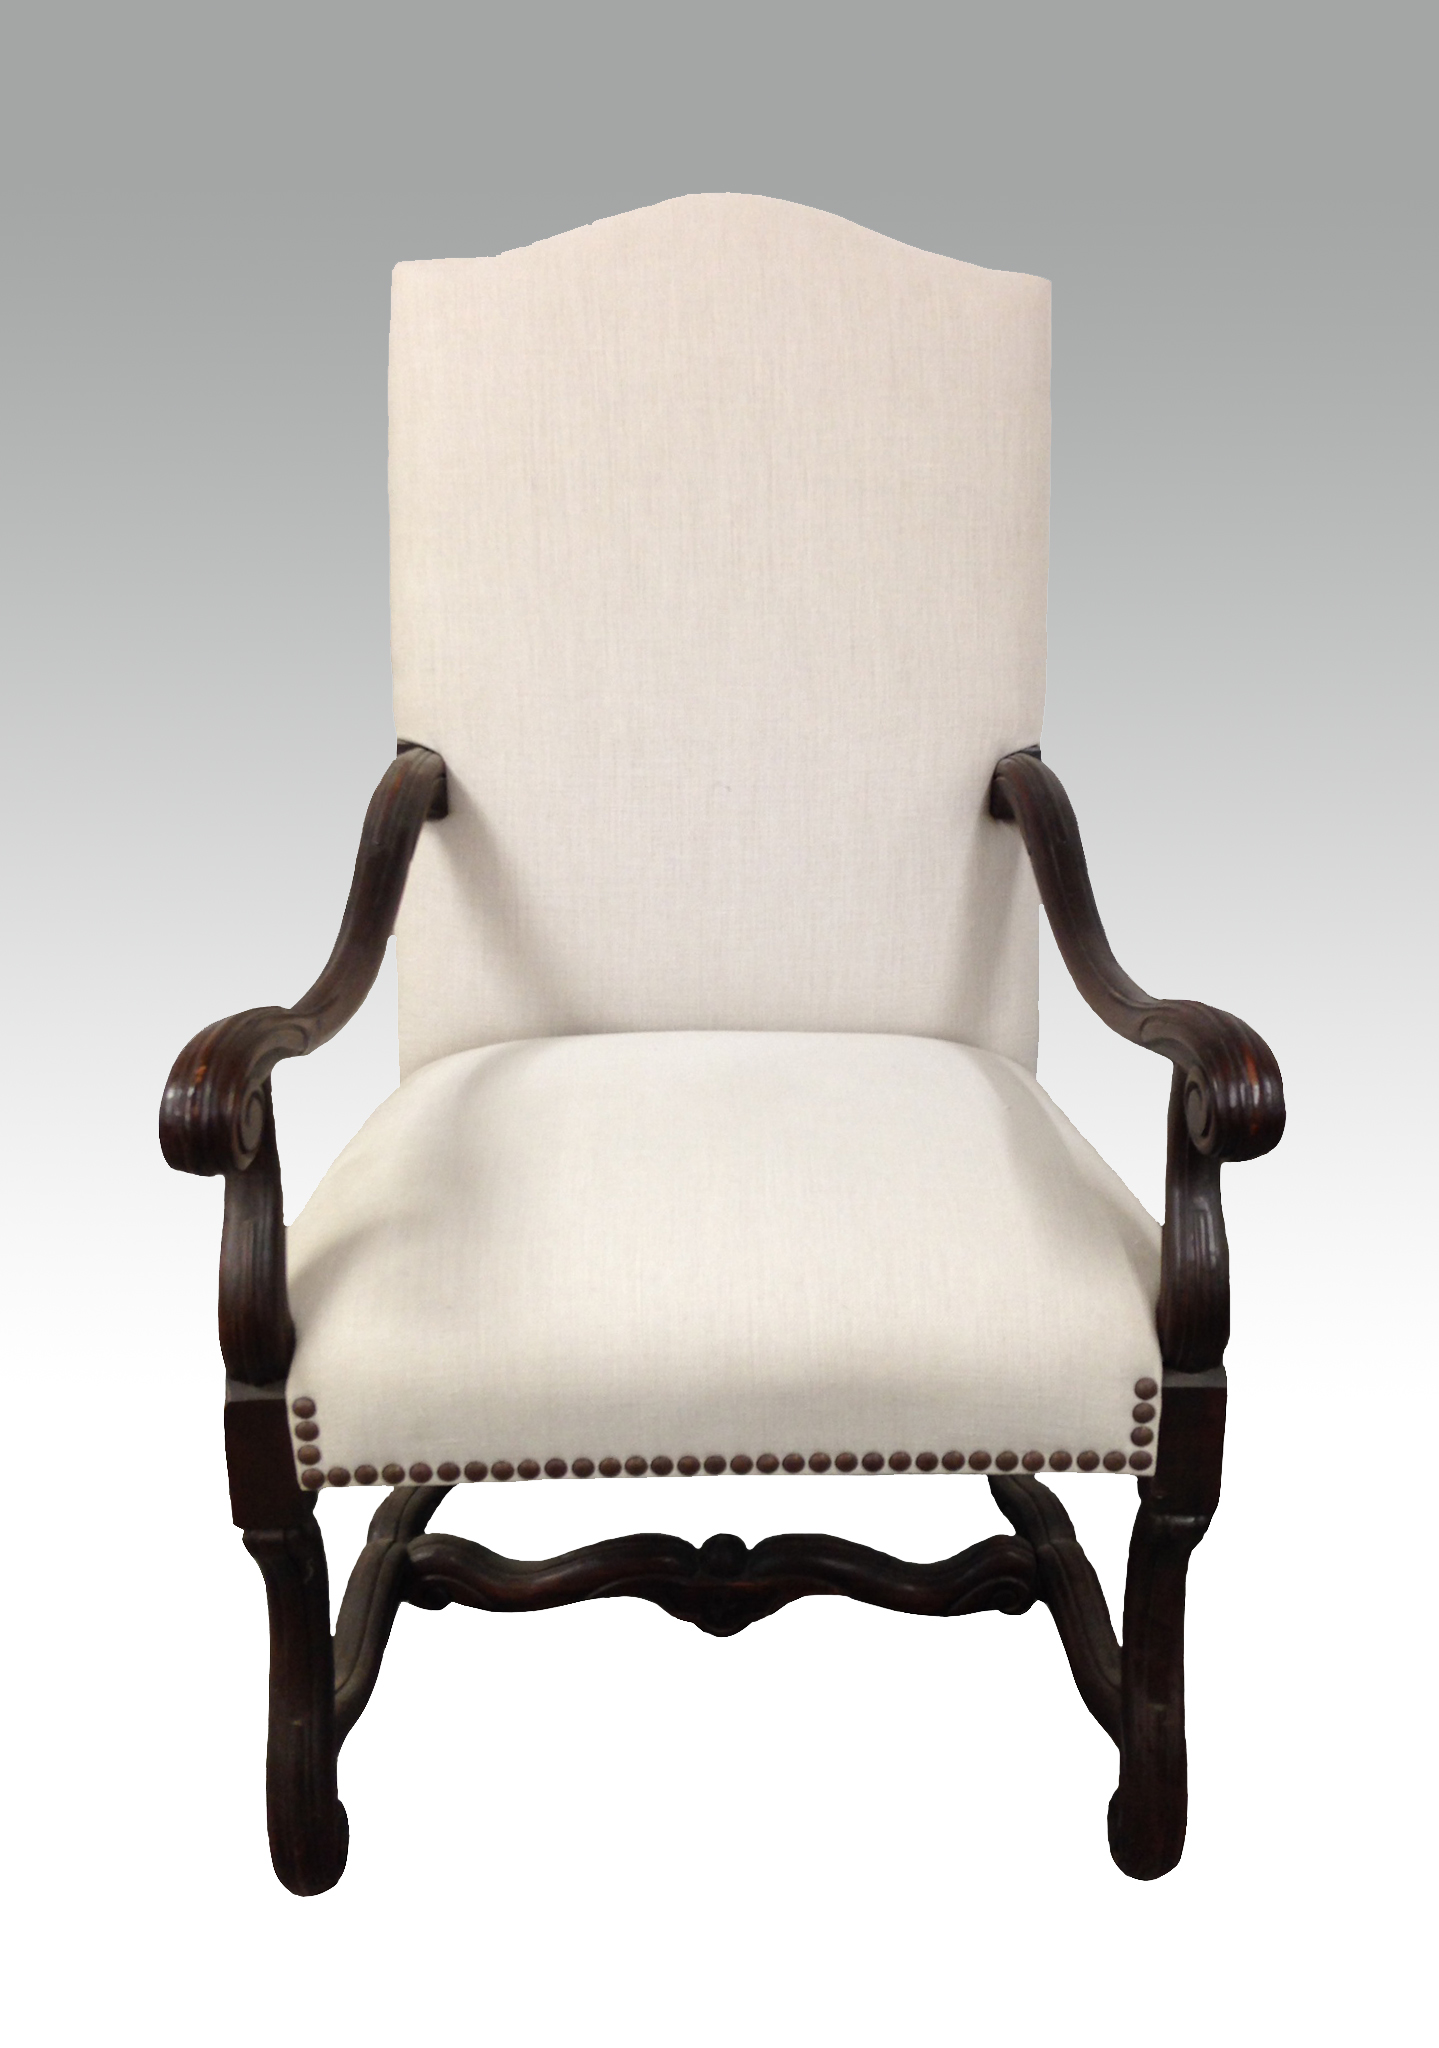 Arm chair 5.jpg